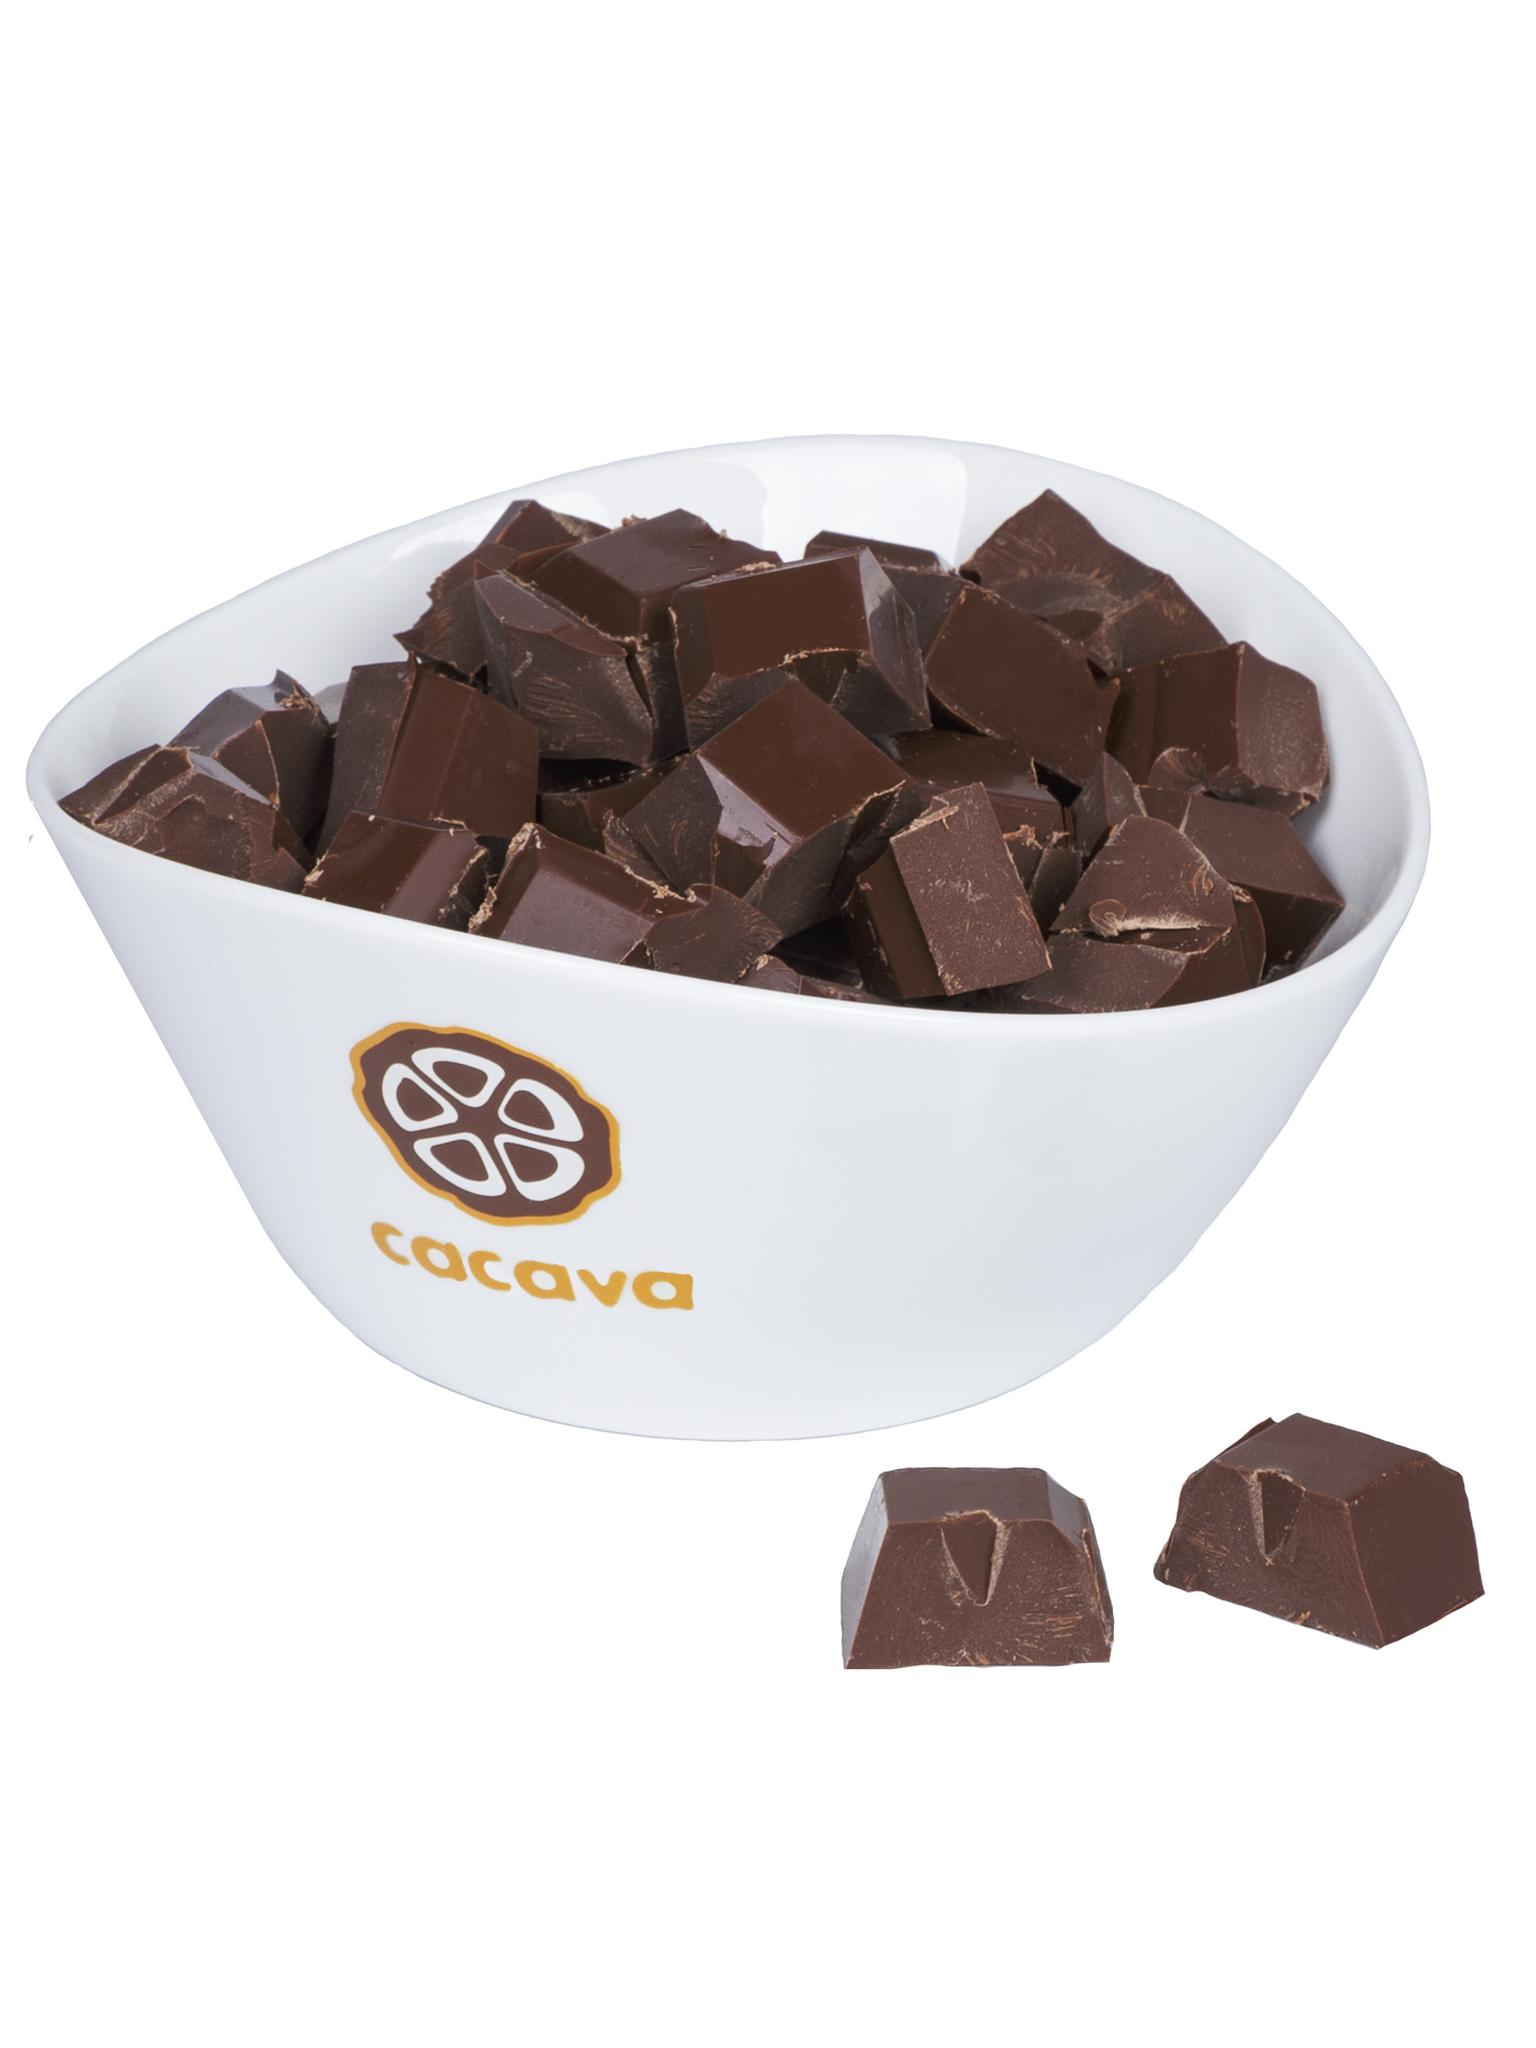 Молочный шоколад 50 % какао (Индонезия, WEST BALI, Jembrana), внешний вид